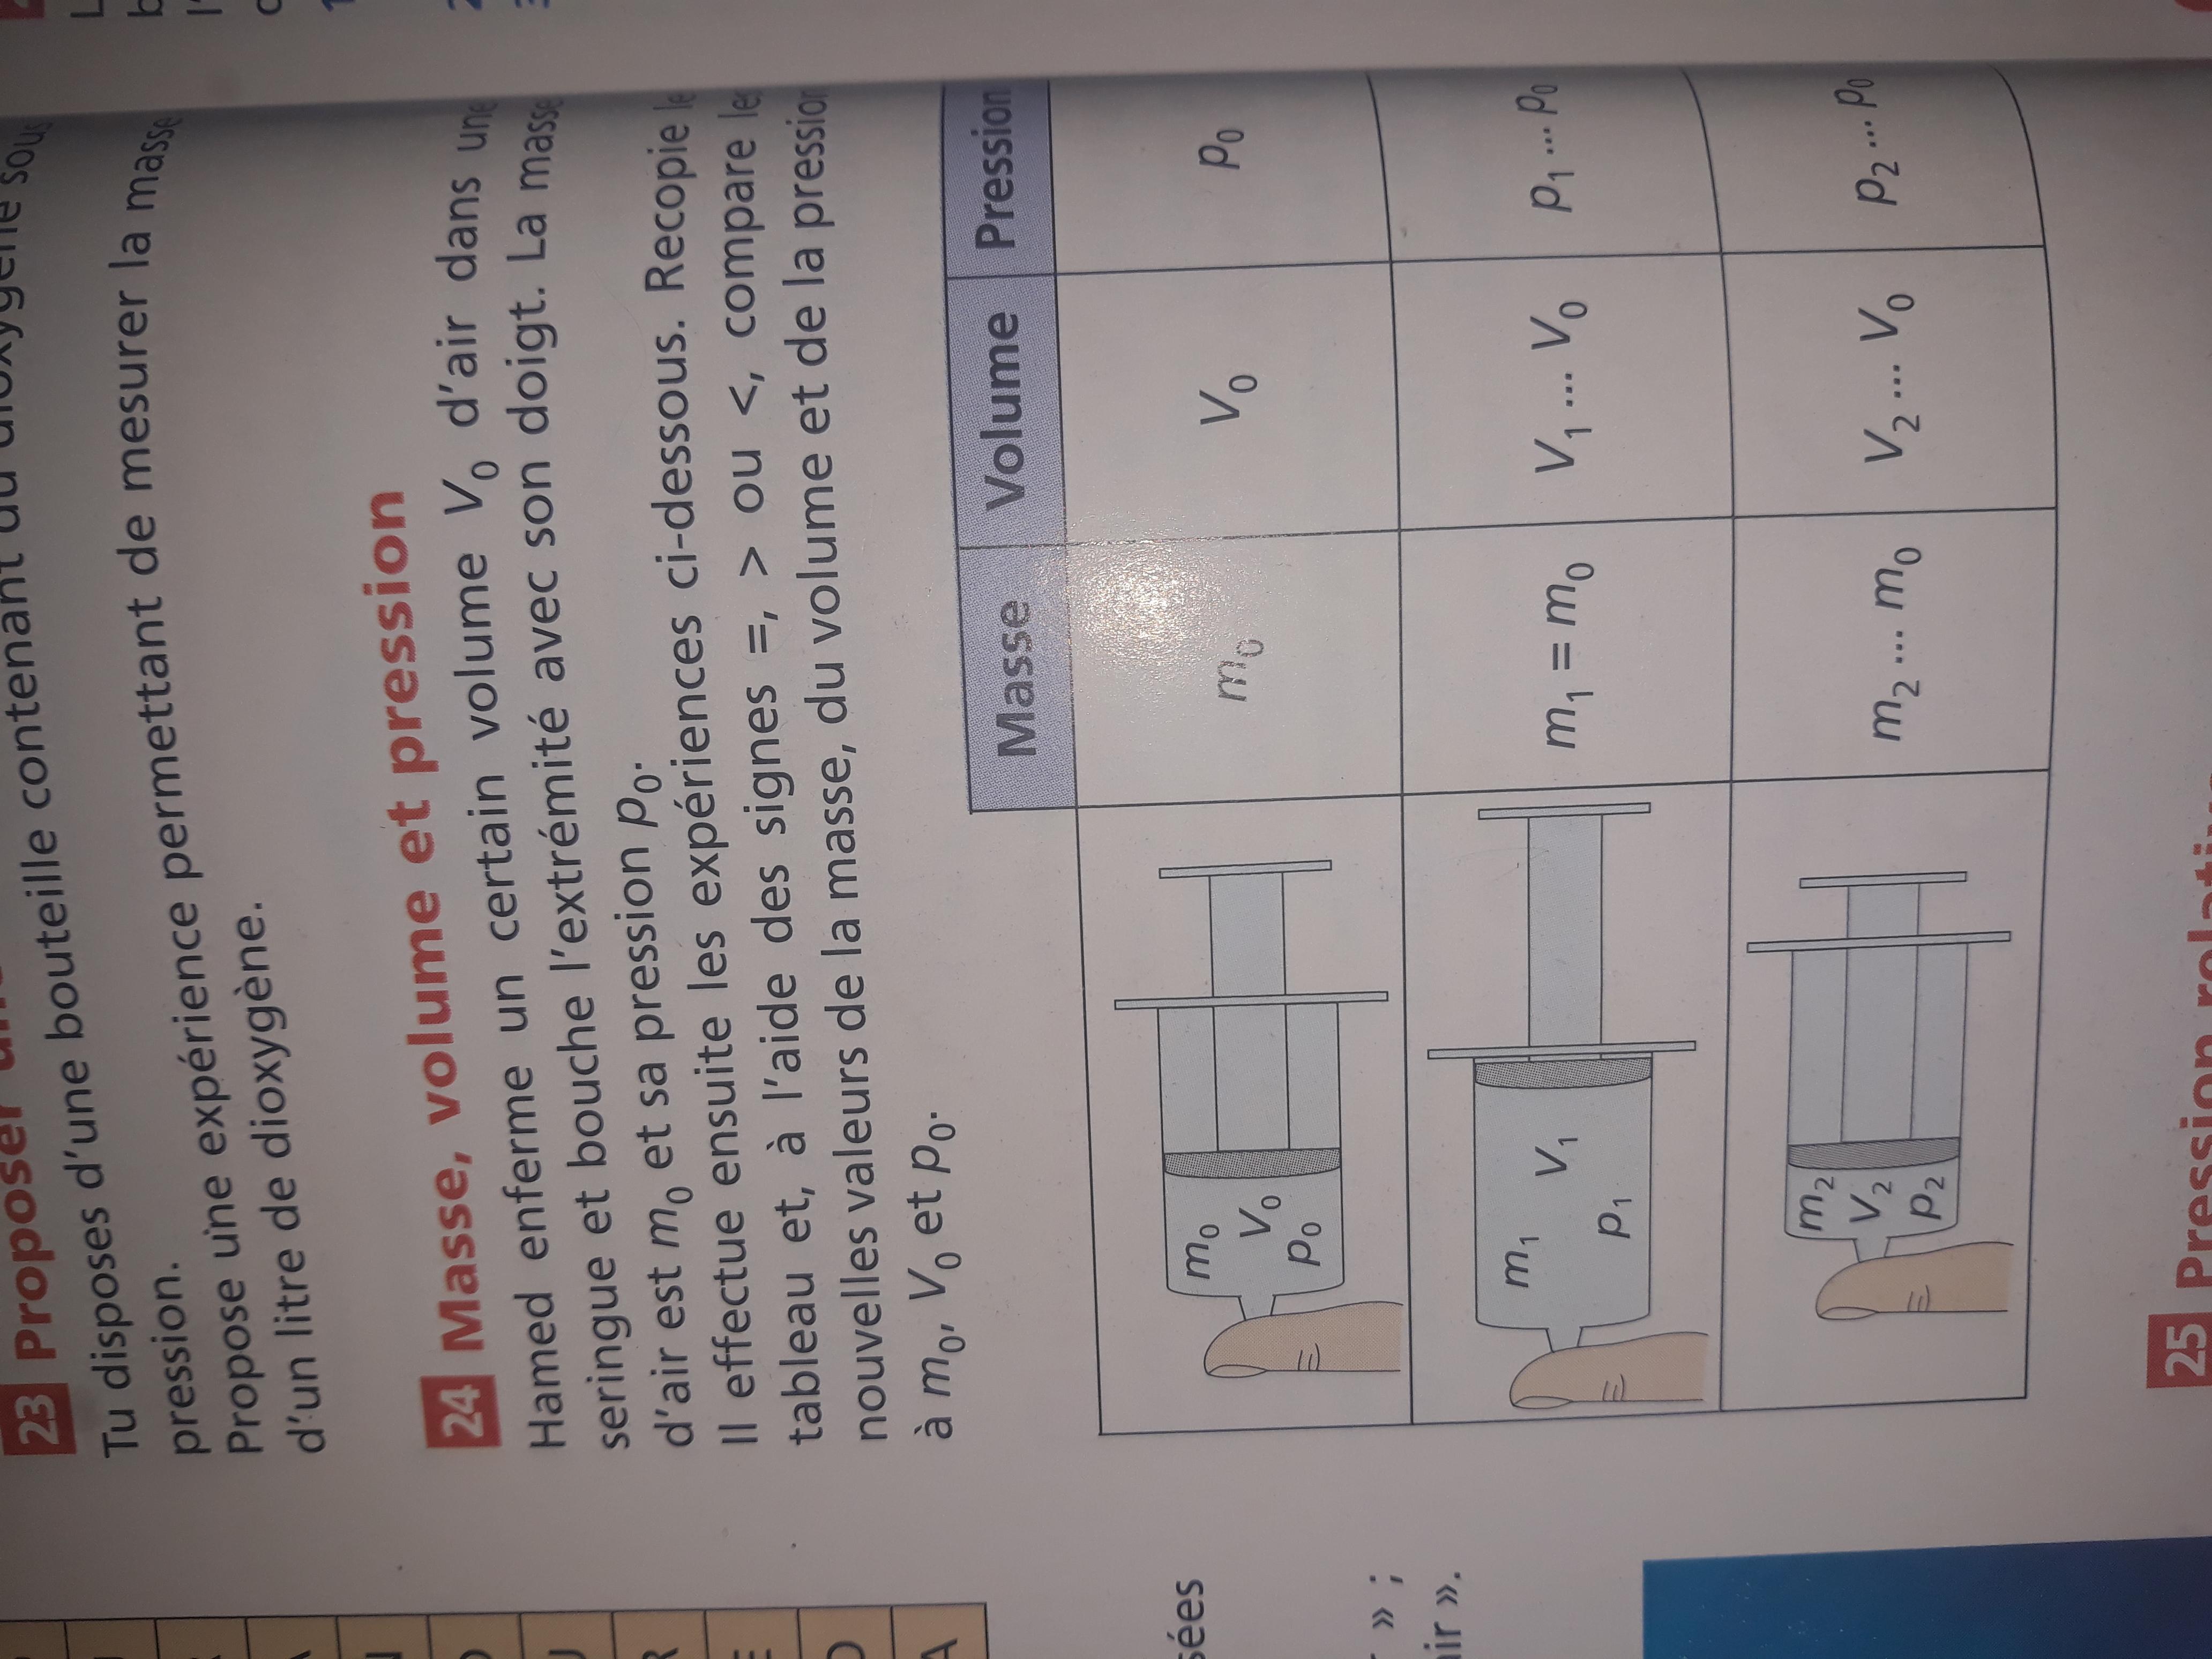 vous pourriez m' aider pour un exercice de physique ...